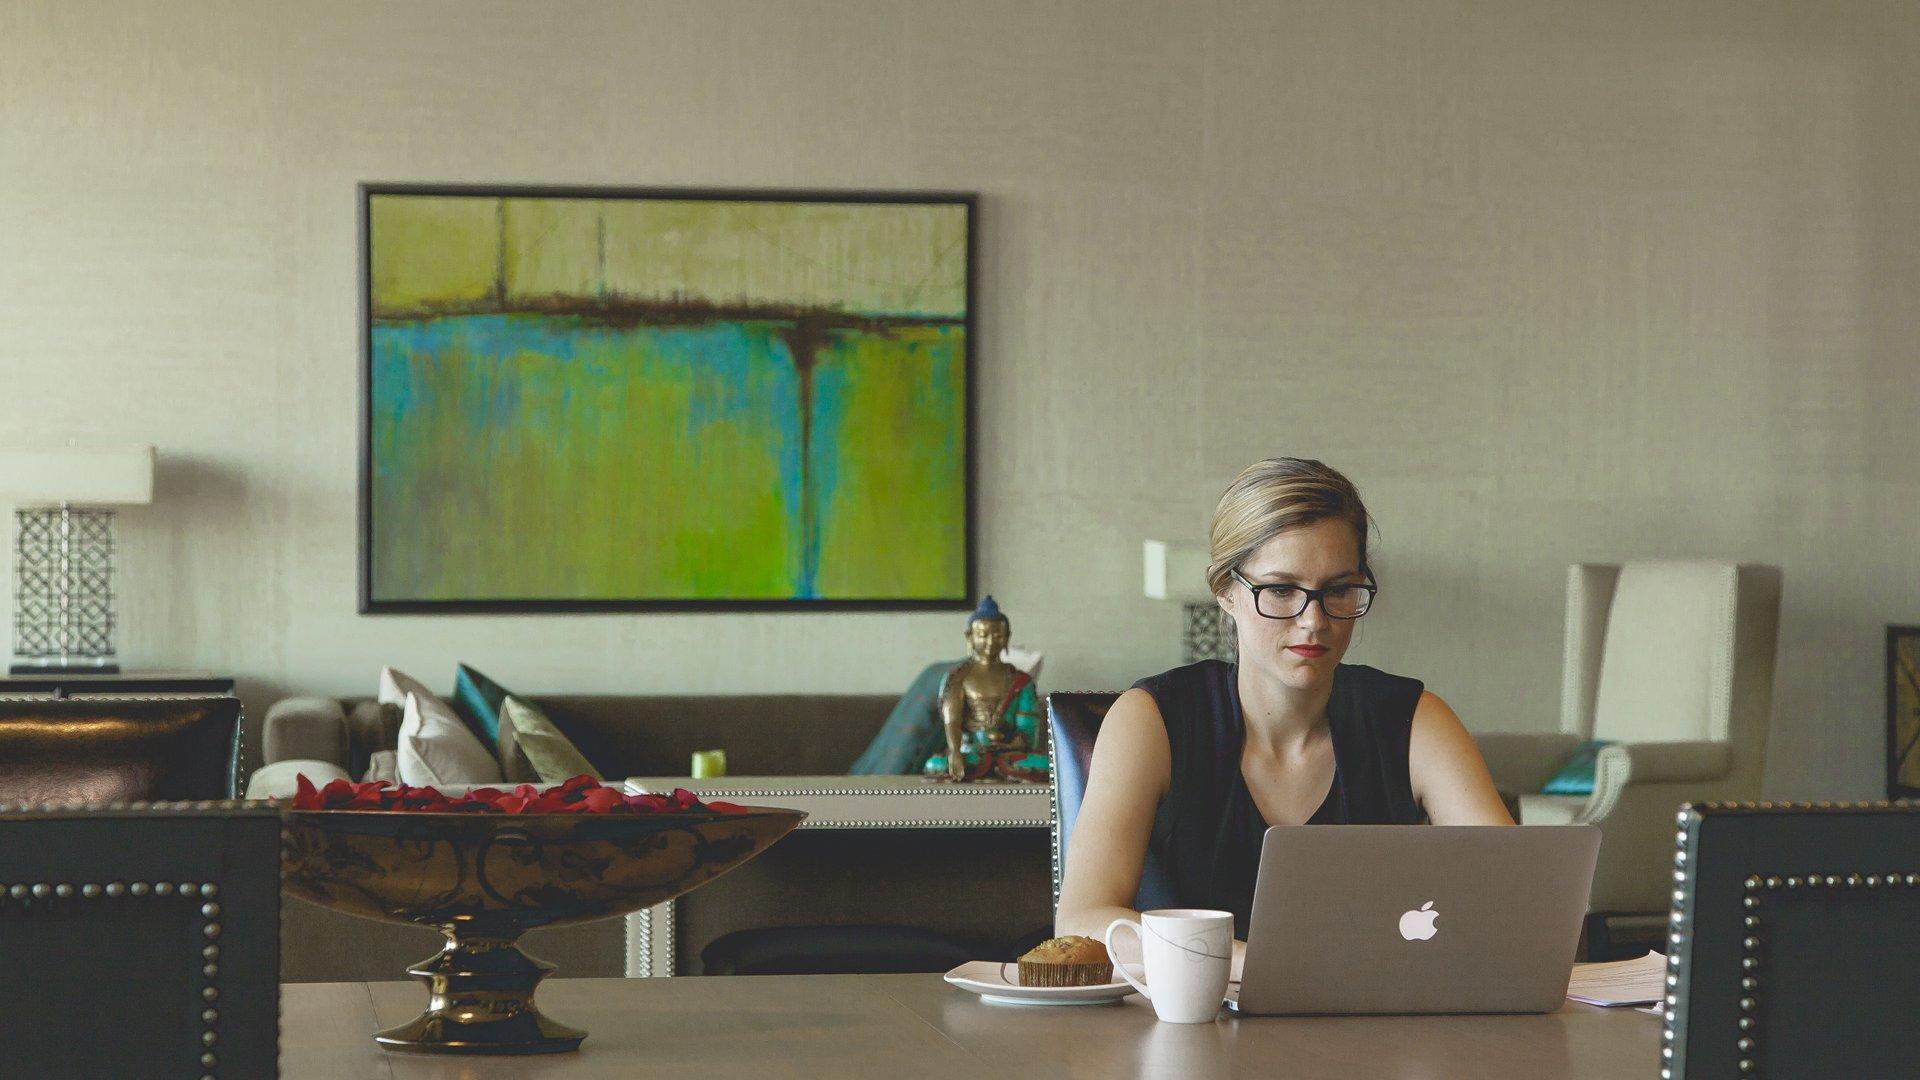 Bild einer Frau vor einem Laptop